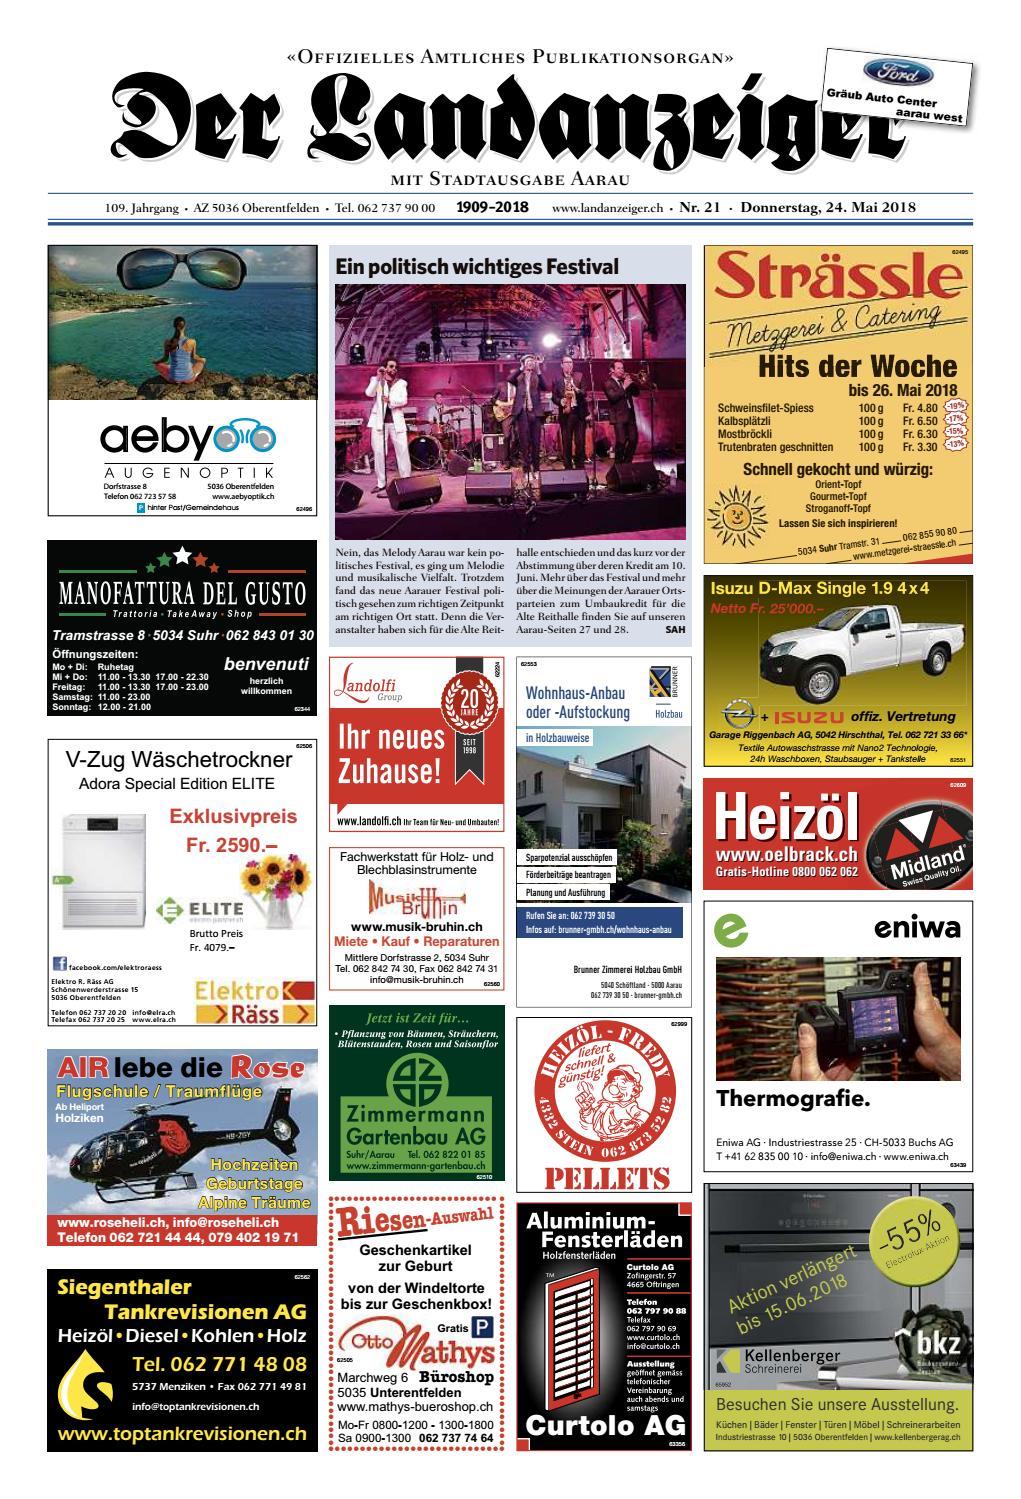 Der Landanzeiger 21 18 By Zt Medien Ag Issuu